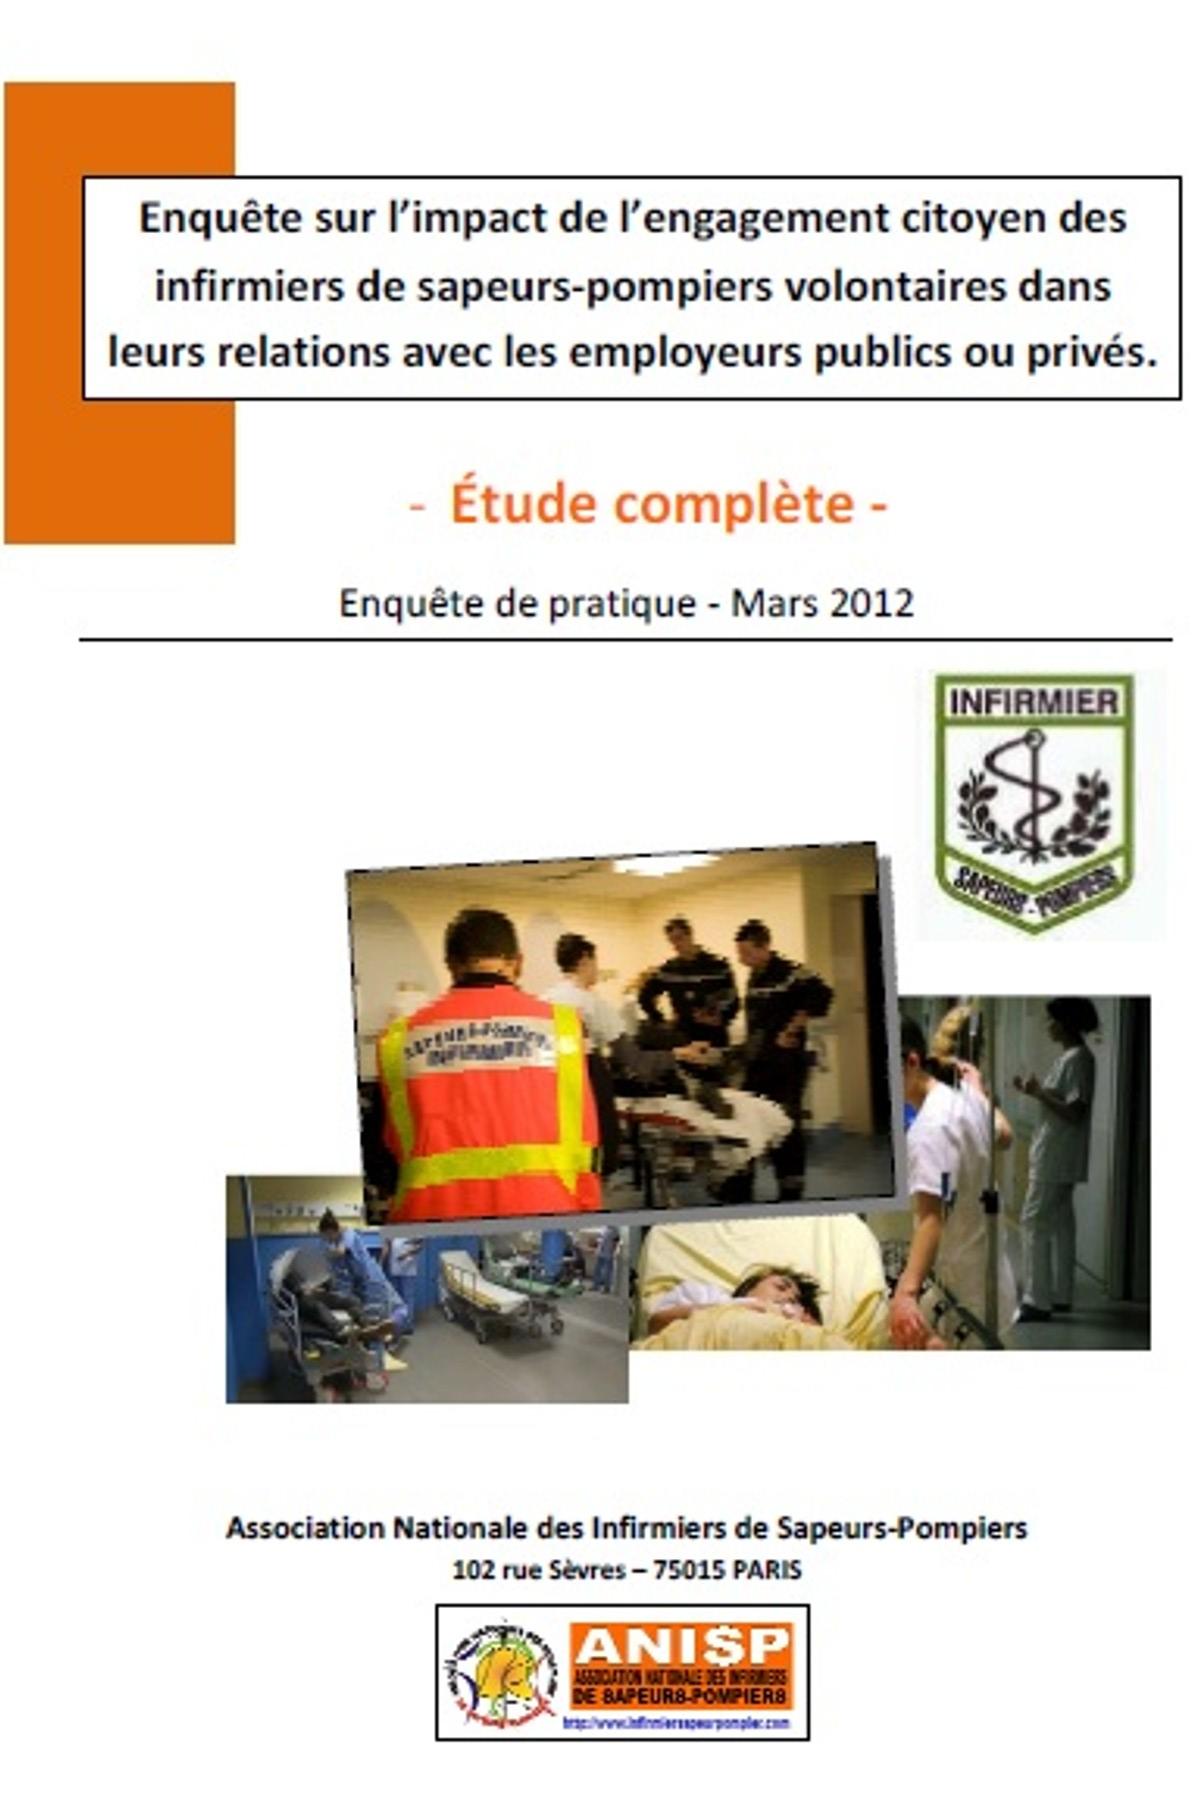 image étude 2012